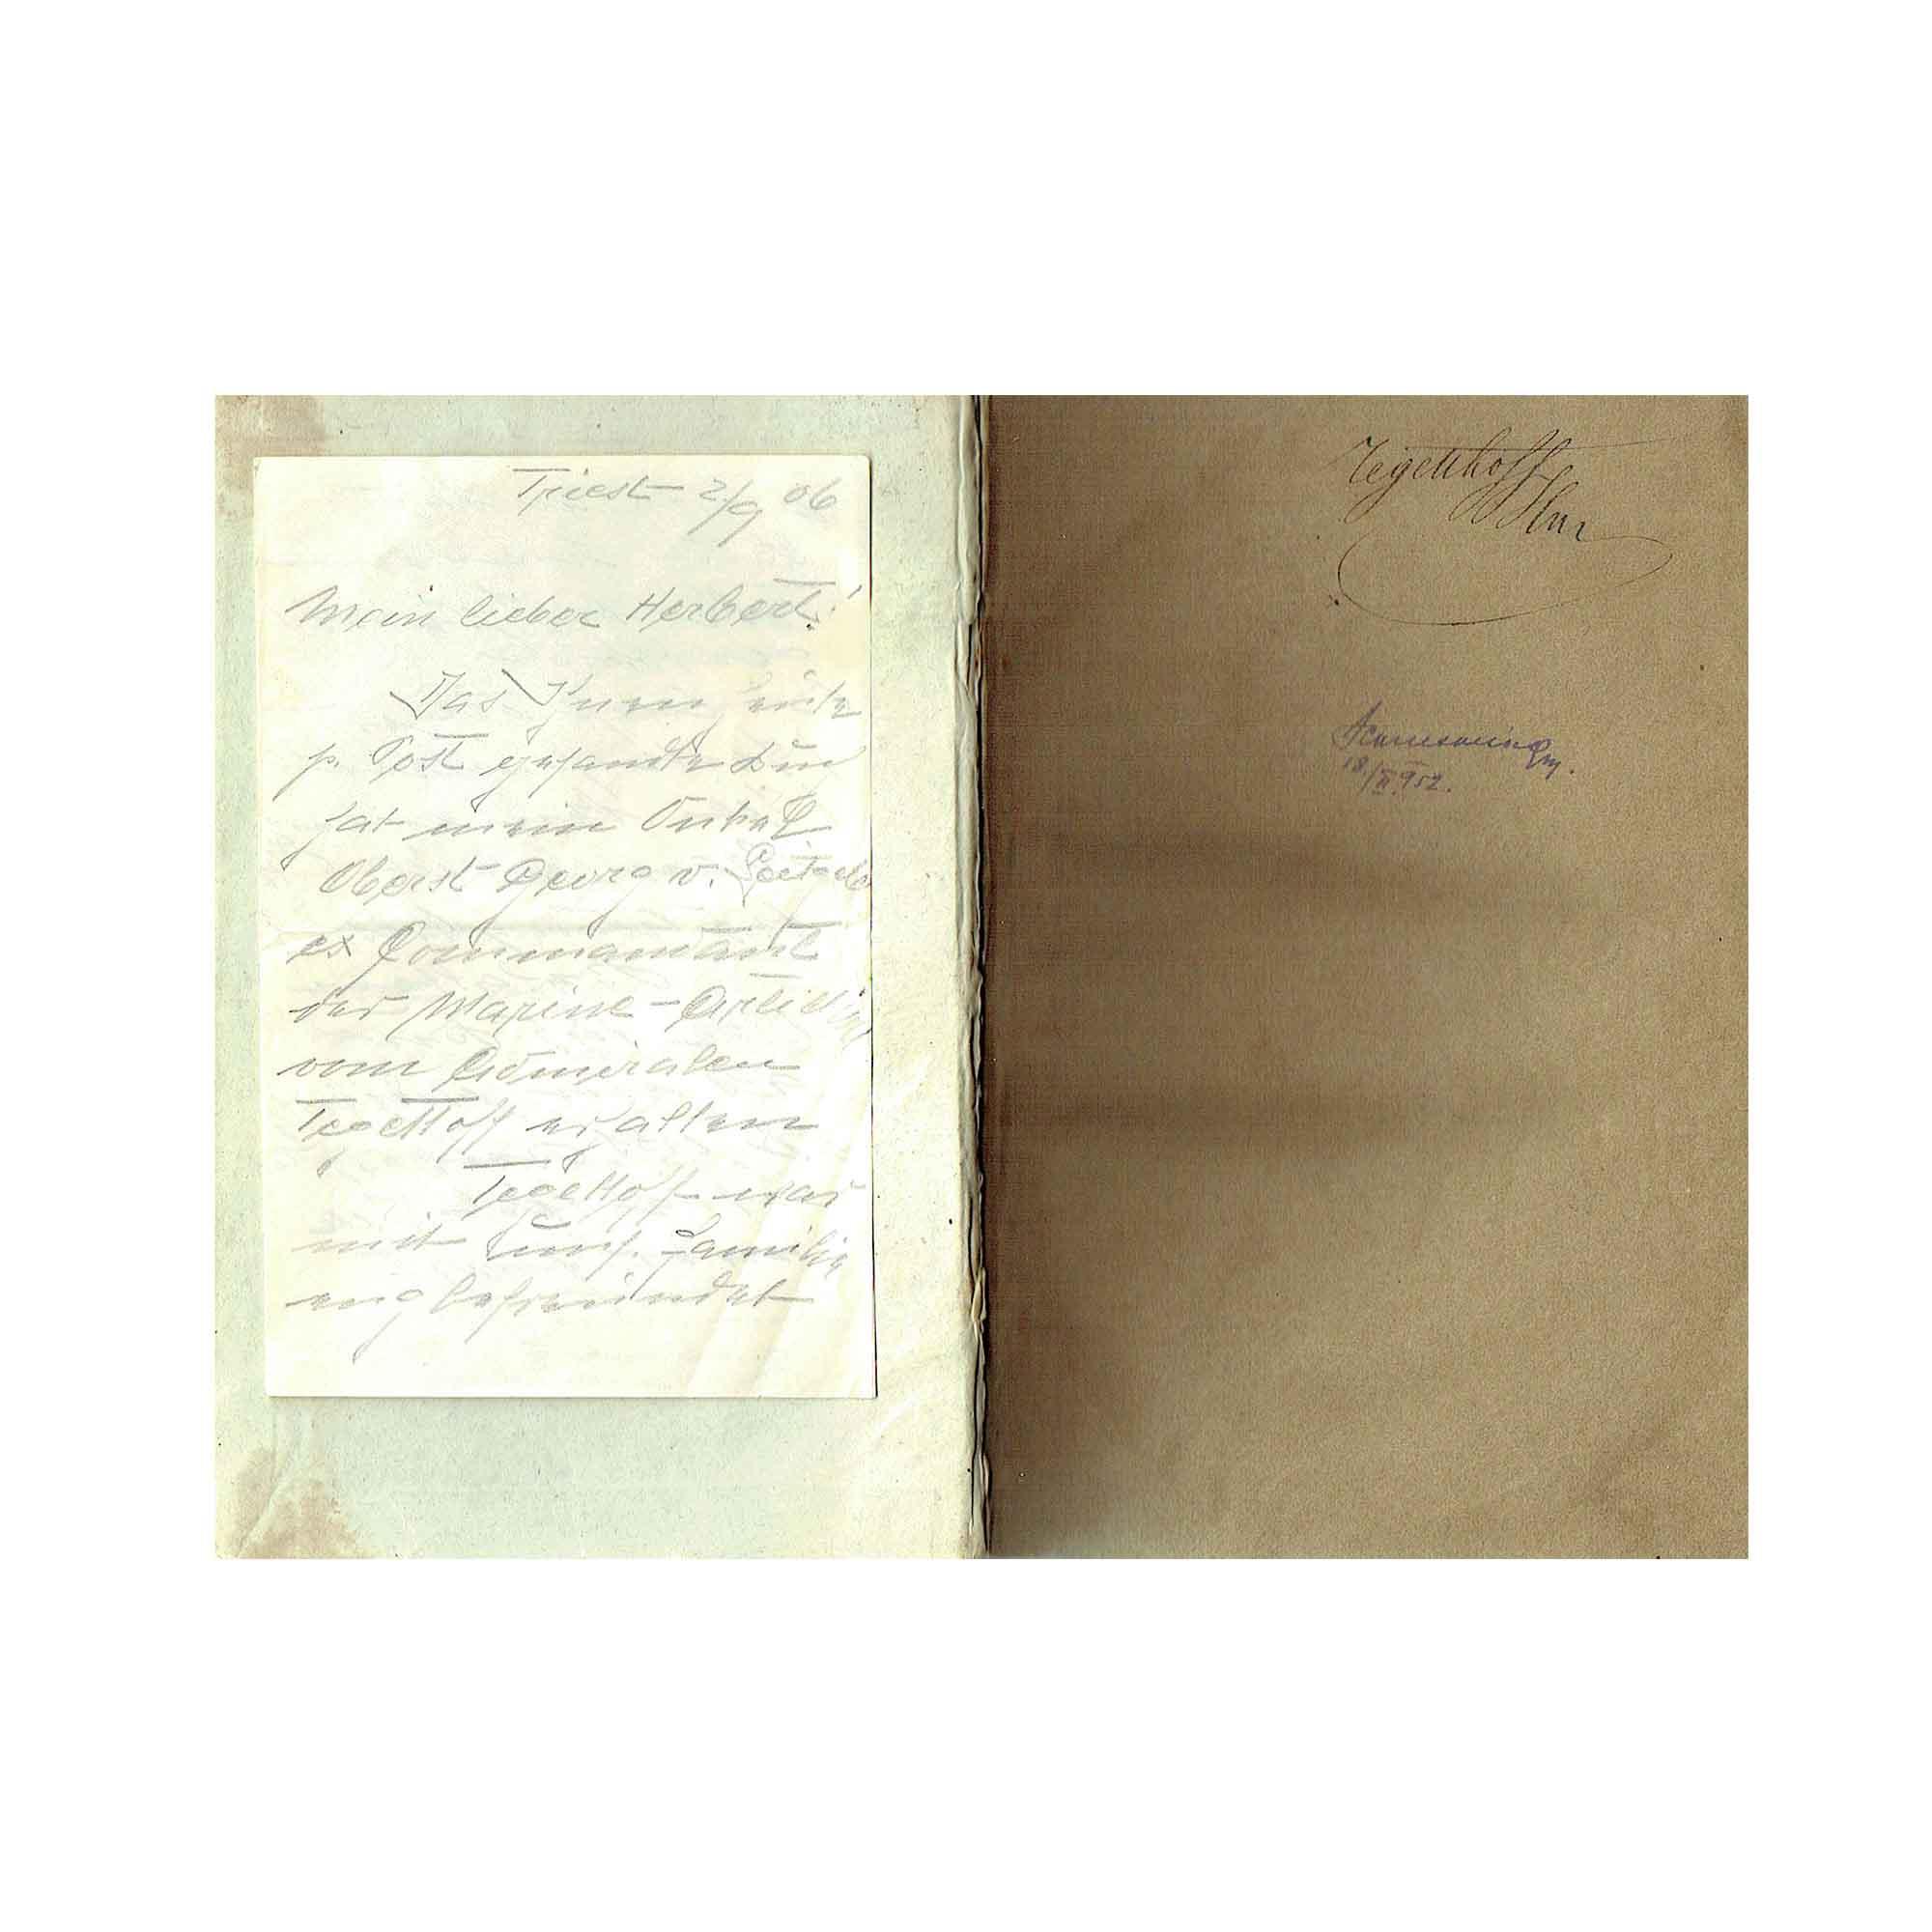 1289-Hartmann-Erdrinde-Tegetthoff-1841-1-N.jpg